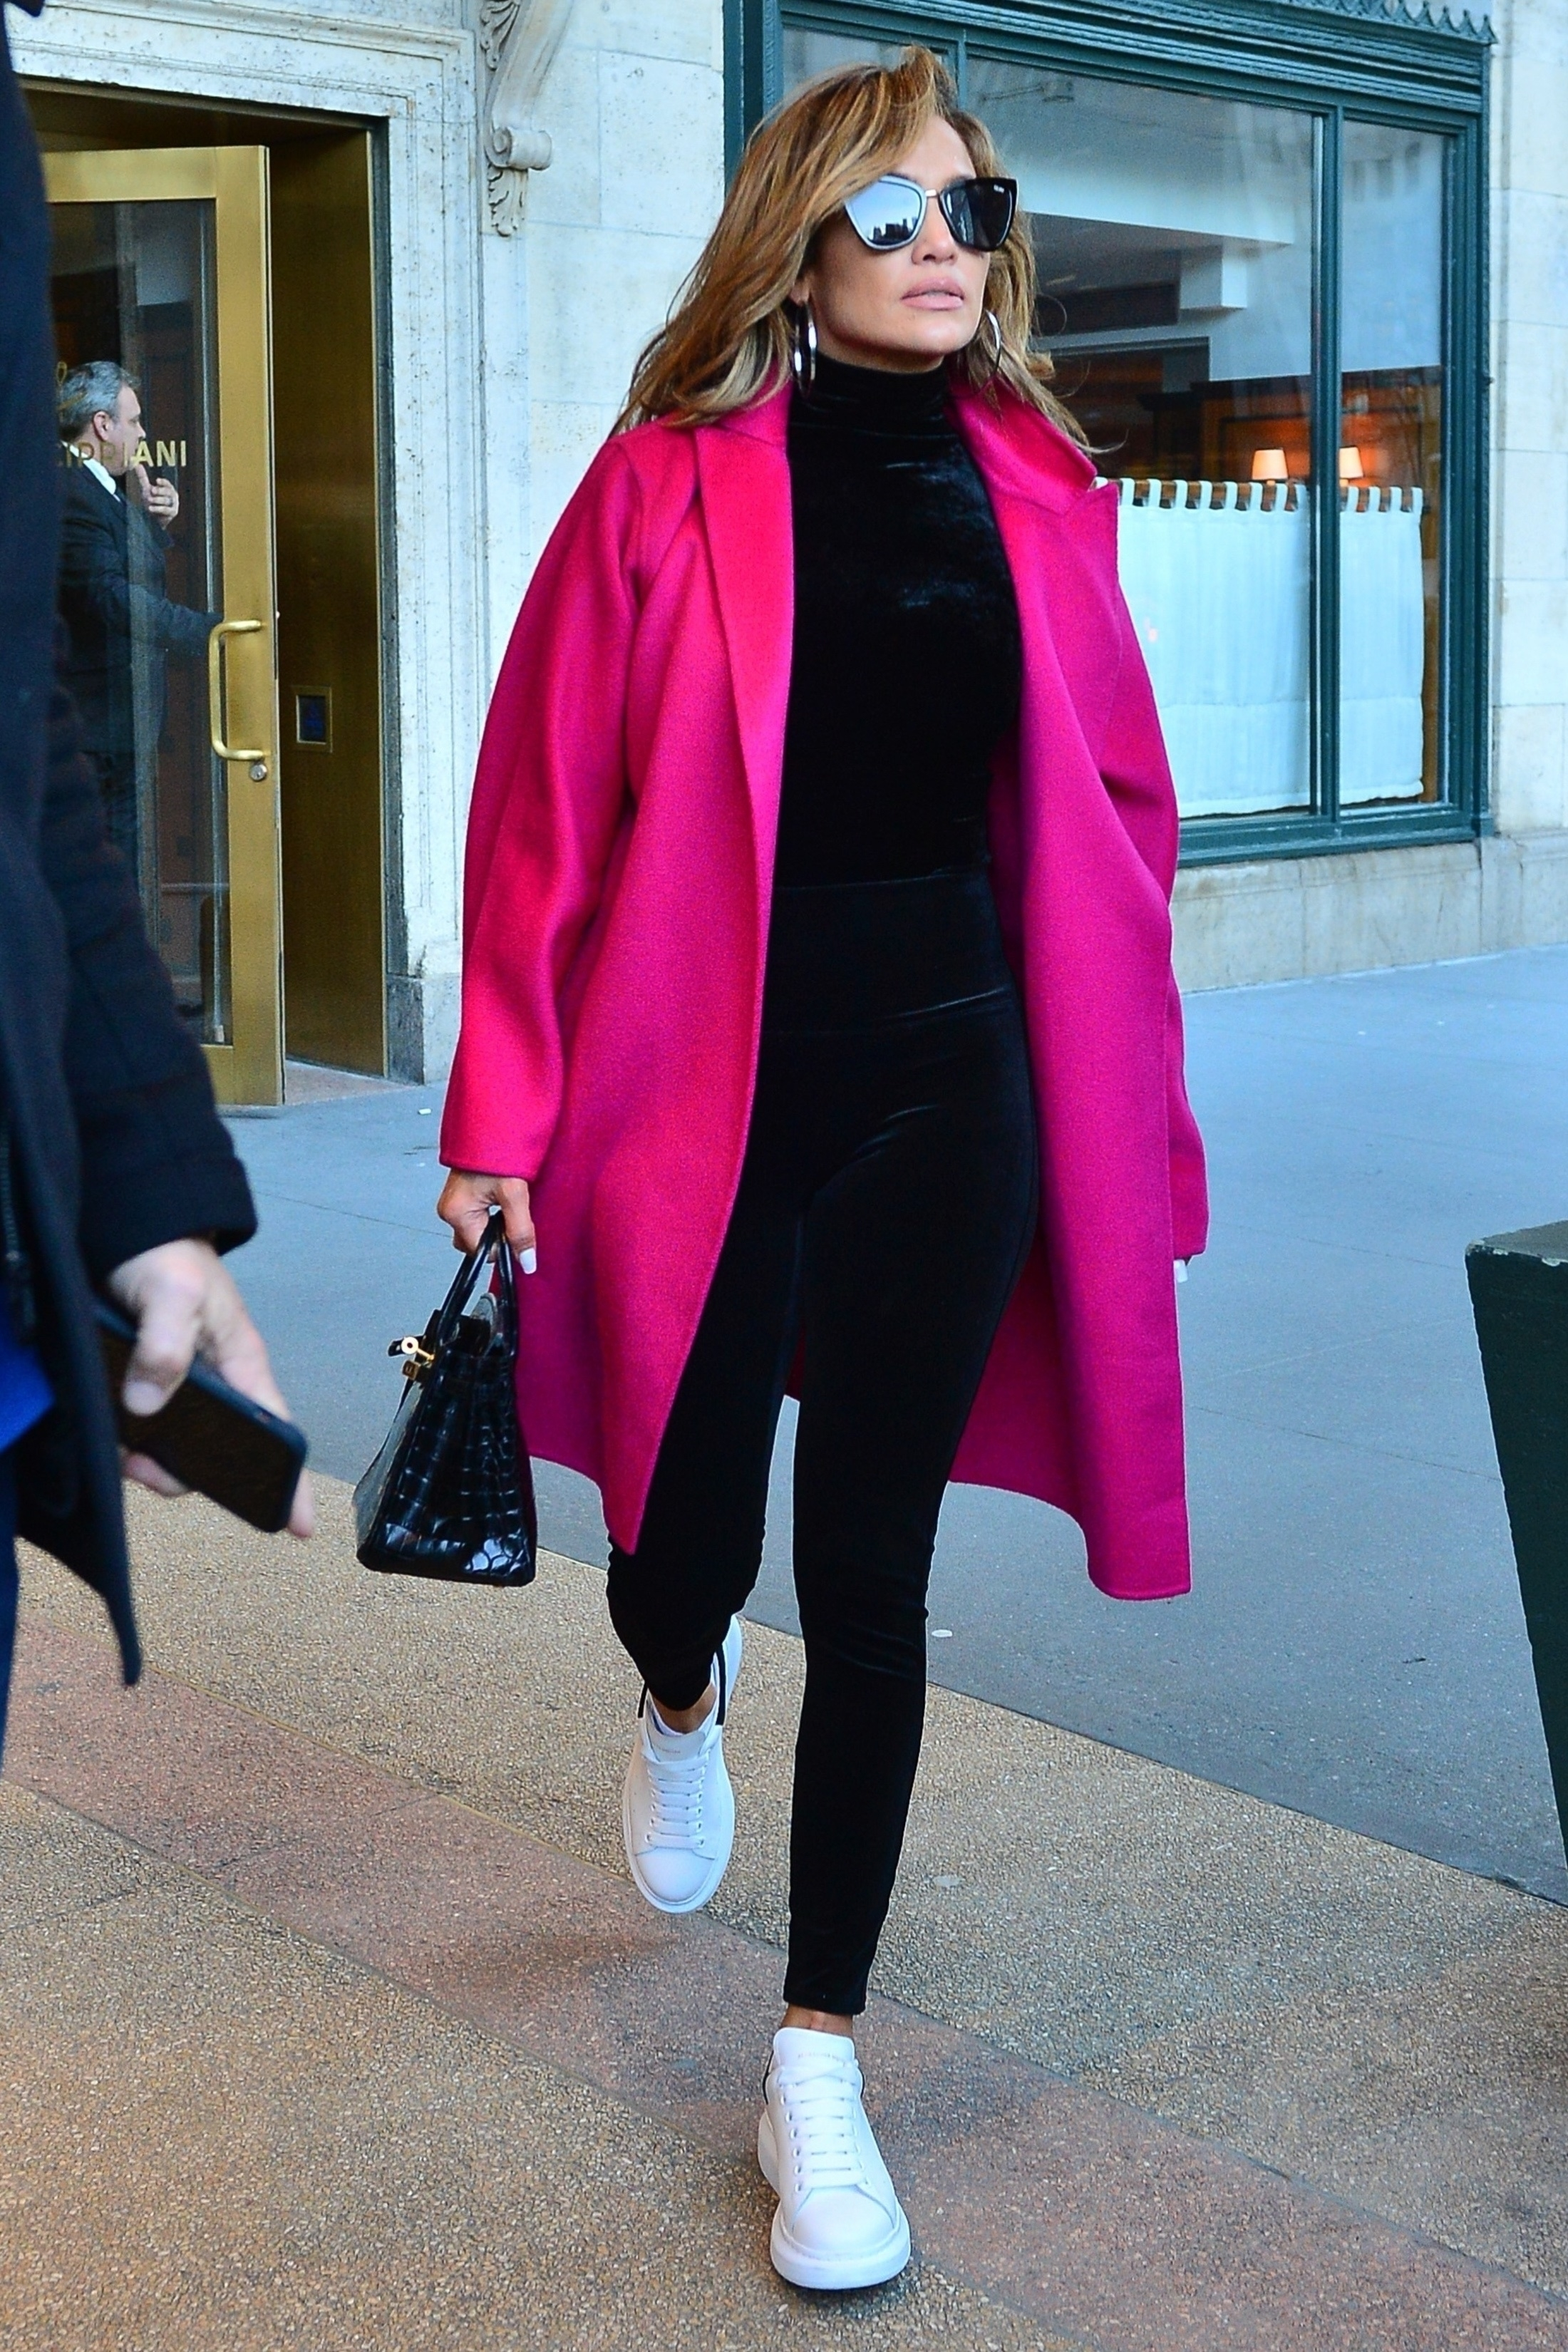 Jennifer Lopez, Jlo, looks